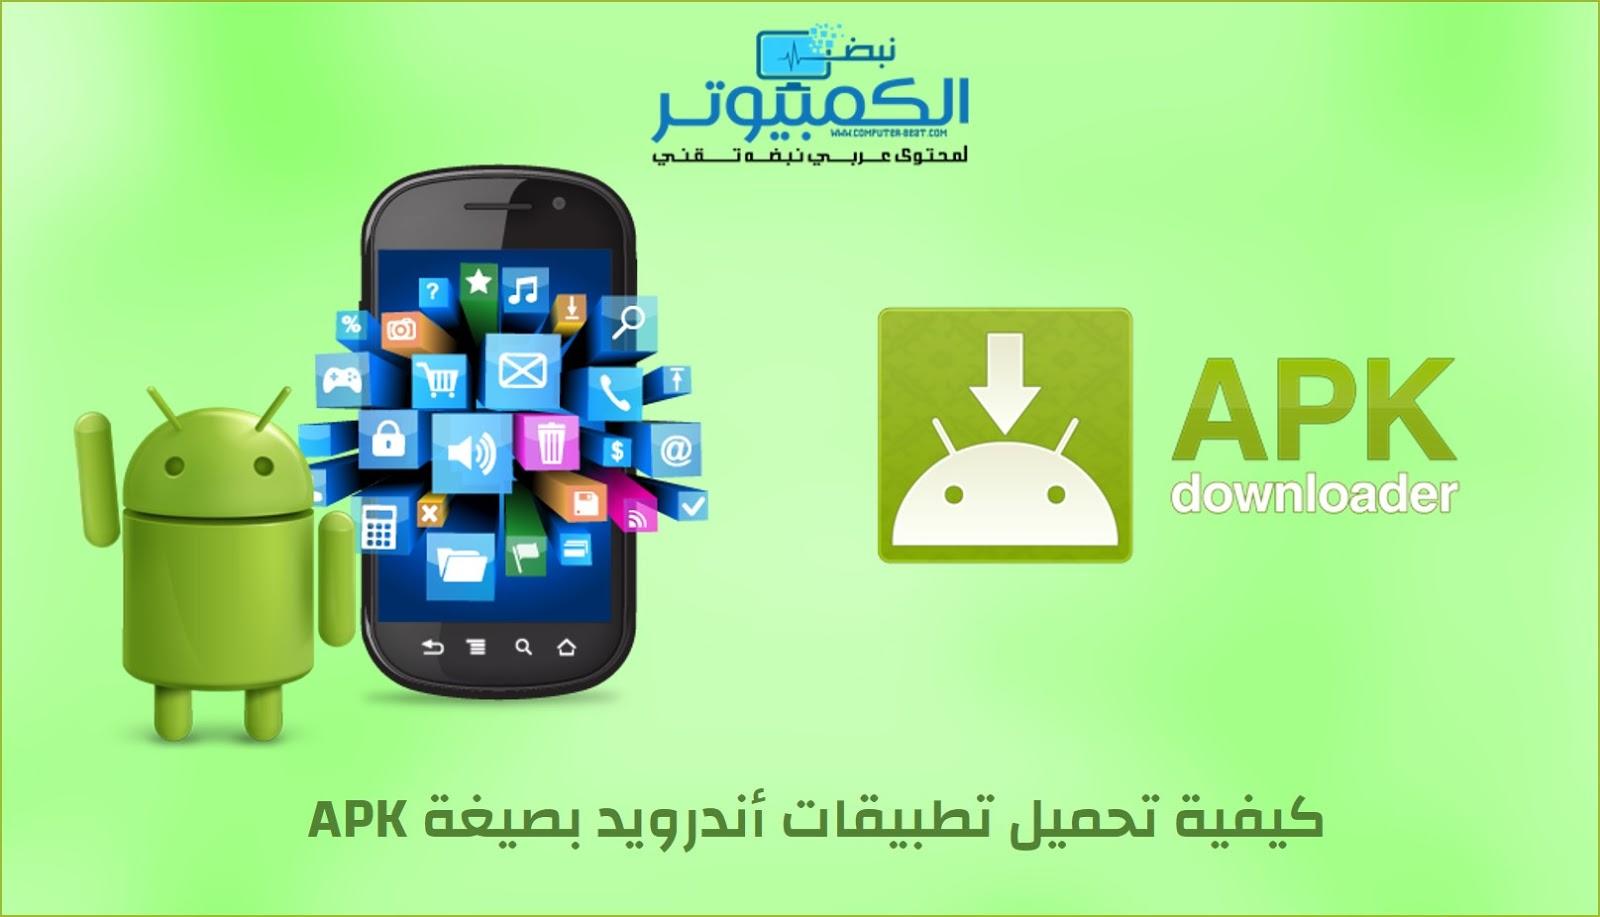 كيفية تحميل تطبيقات أندرويد بصيغة apk من متجر جوجل بلاي